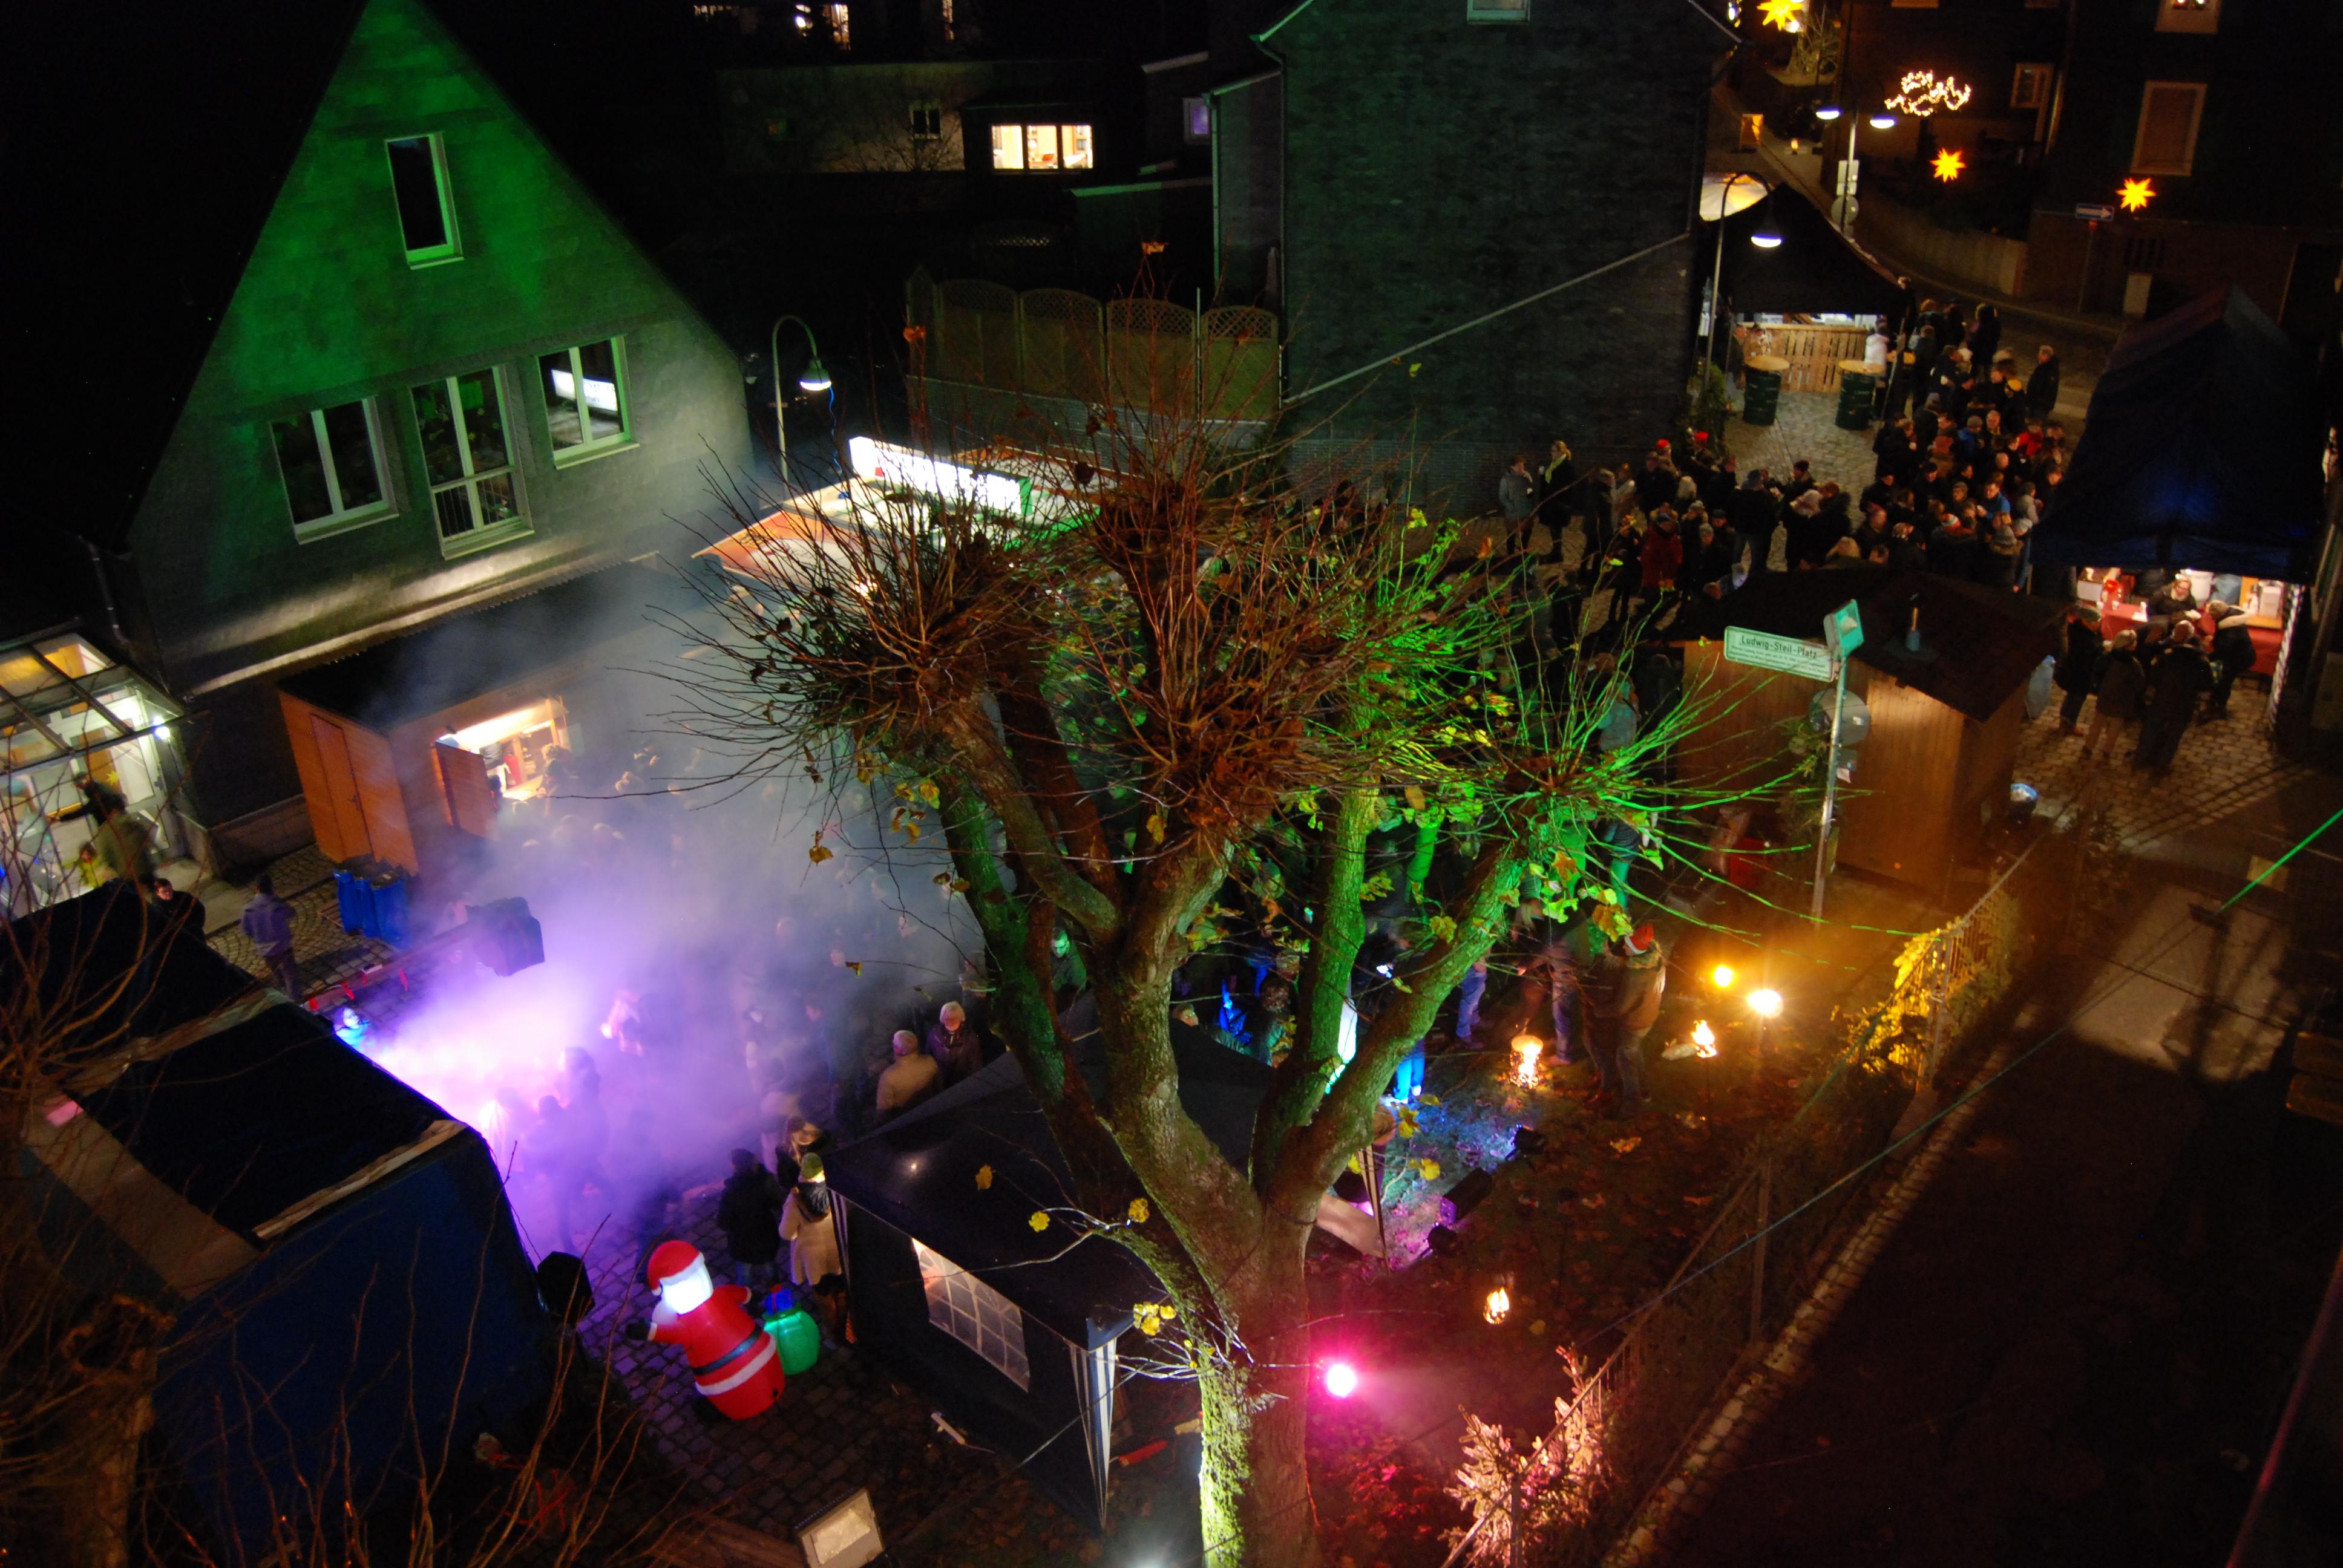 Die 1. Lütterkuser XMAS-Party 2017 war ein grandioser Erfolg. Foto: Thomas Schulte - www.tsaiballs.com